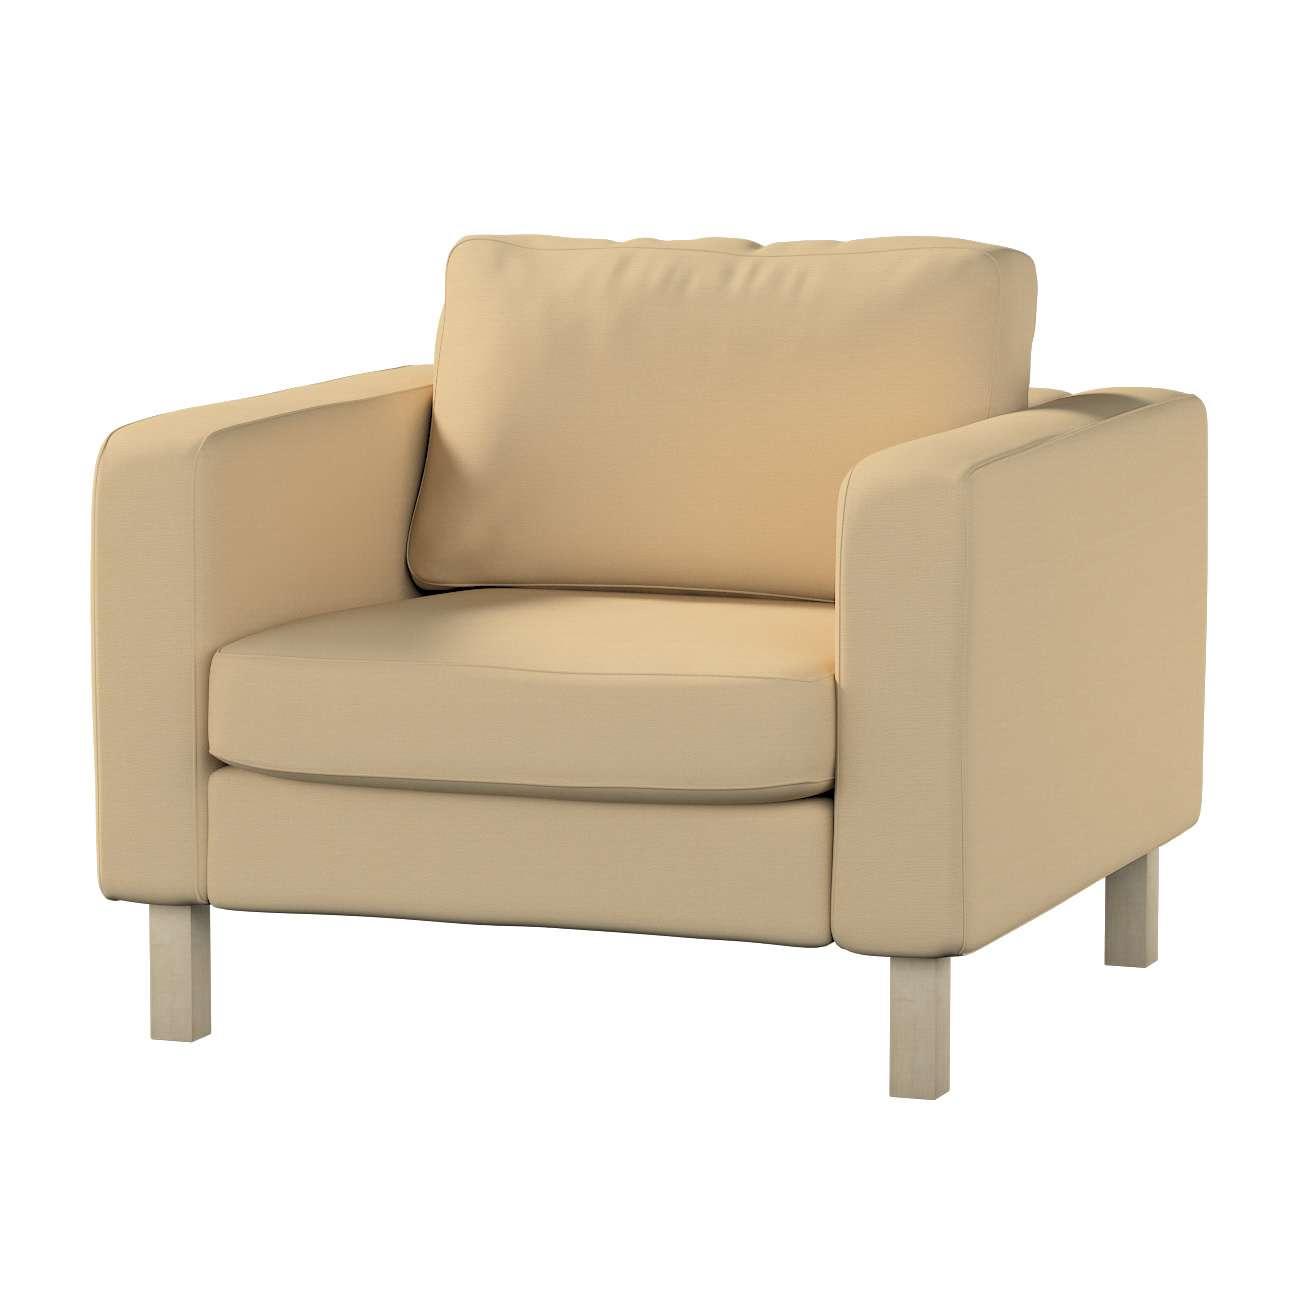 Pokrowiec na fotel Karlstad, krótki Fotel Karlstad w kolekcji Cotton Panama, tkanina: 702-01